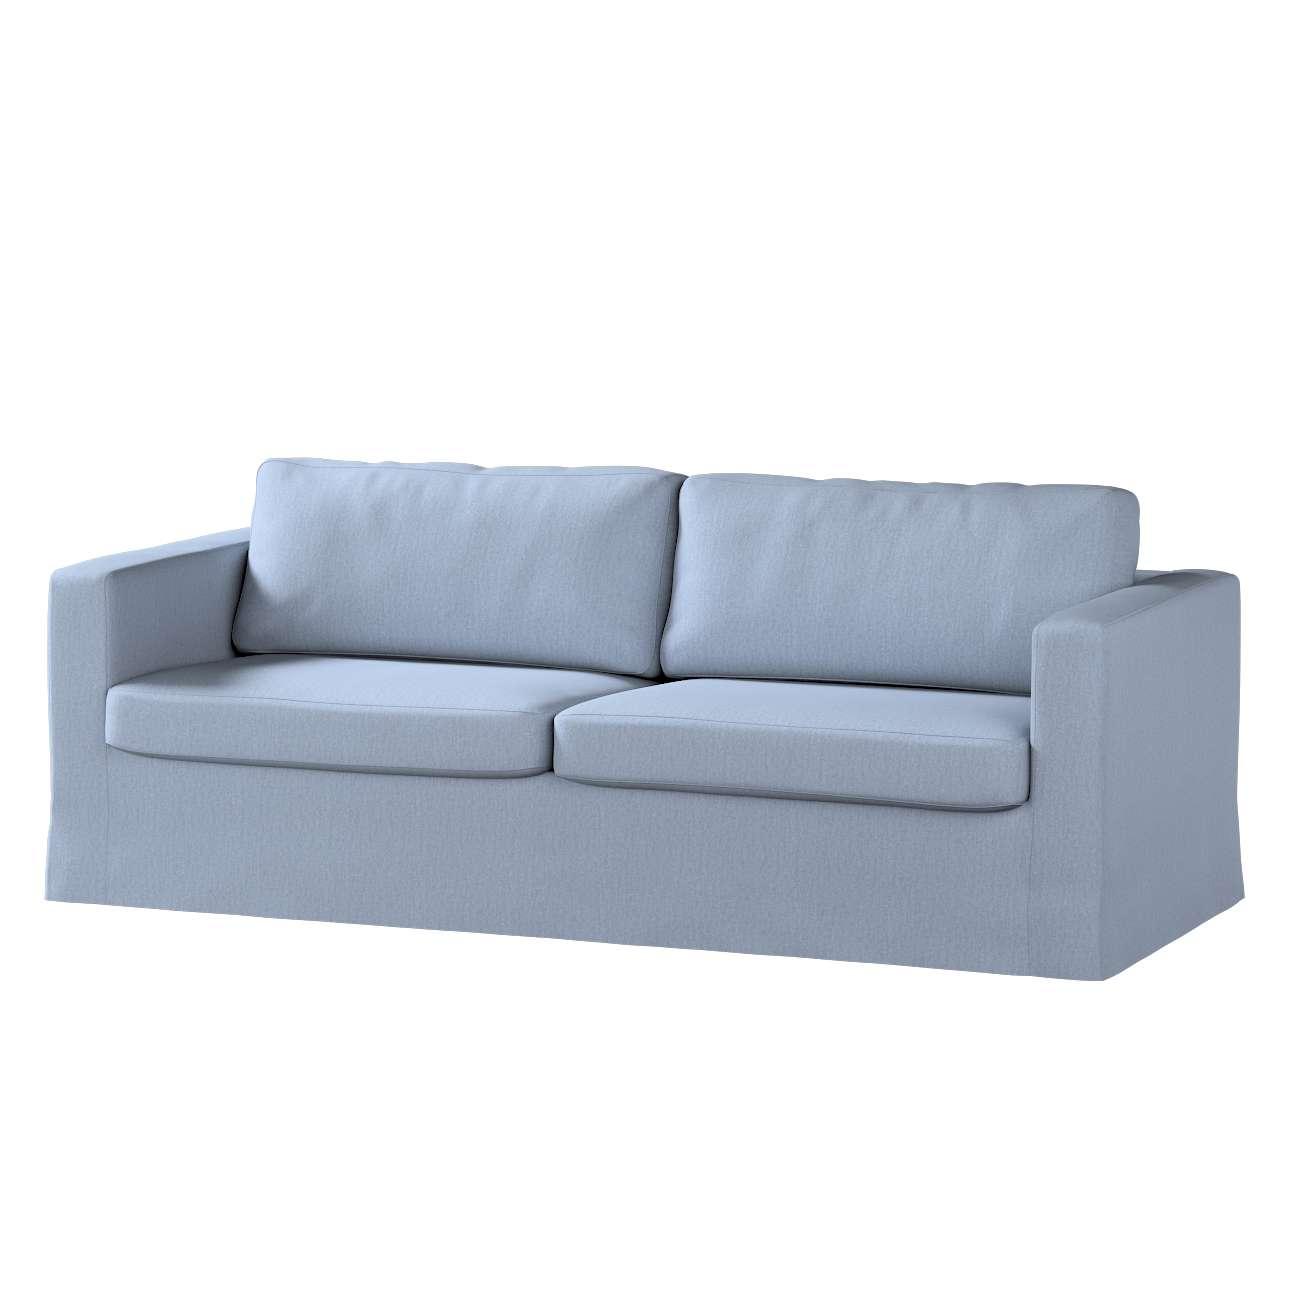 Hoes (lang) voor IKEA-Karlstad 3-zitsbank van de collectie Chenille, Stof: 702-13